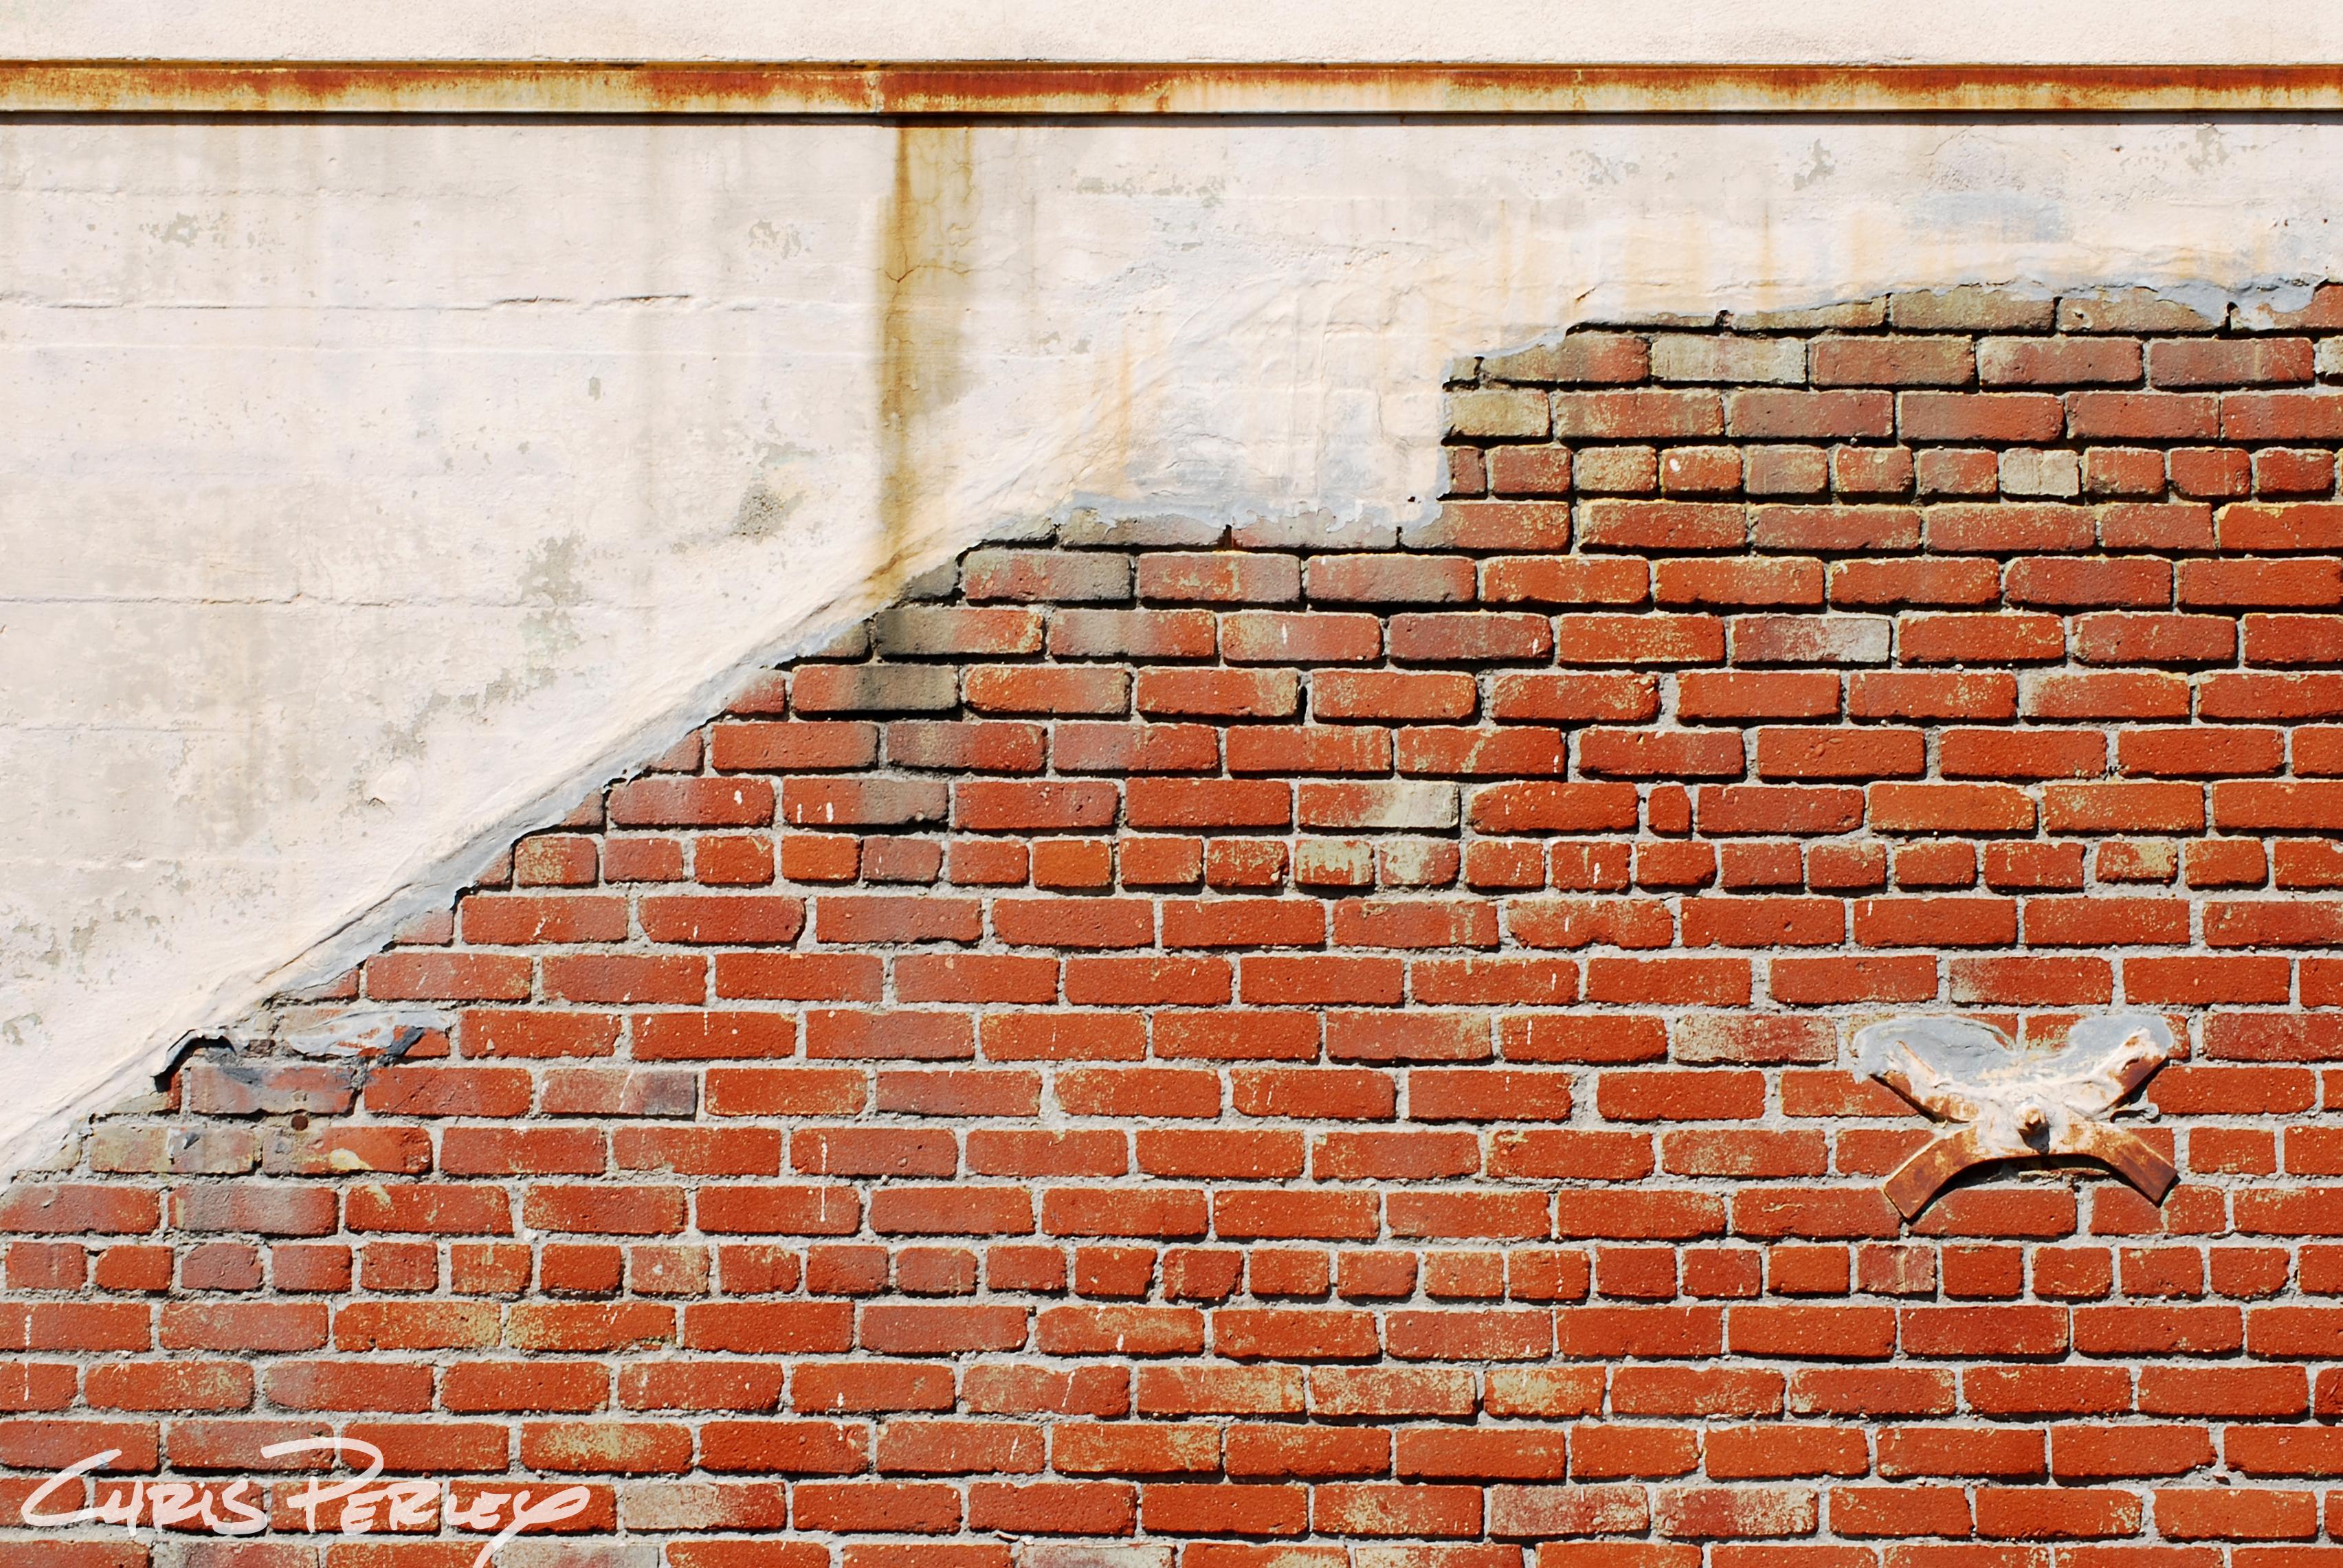 Wall Art The Brick : Brick wall by pschtyckque on deviantart